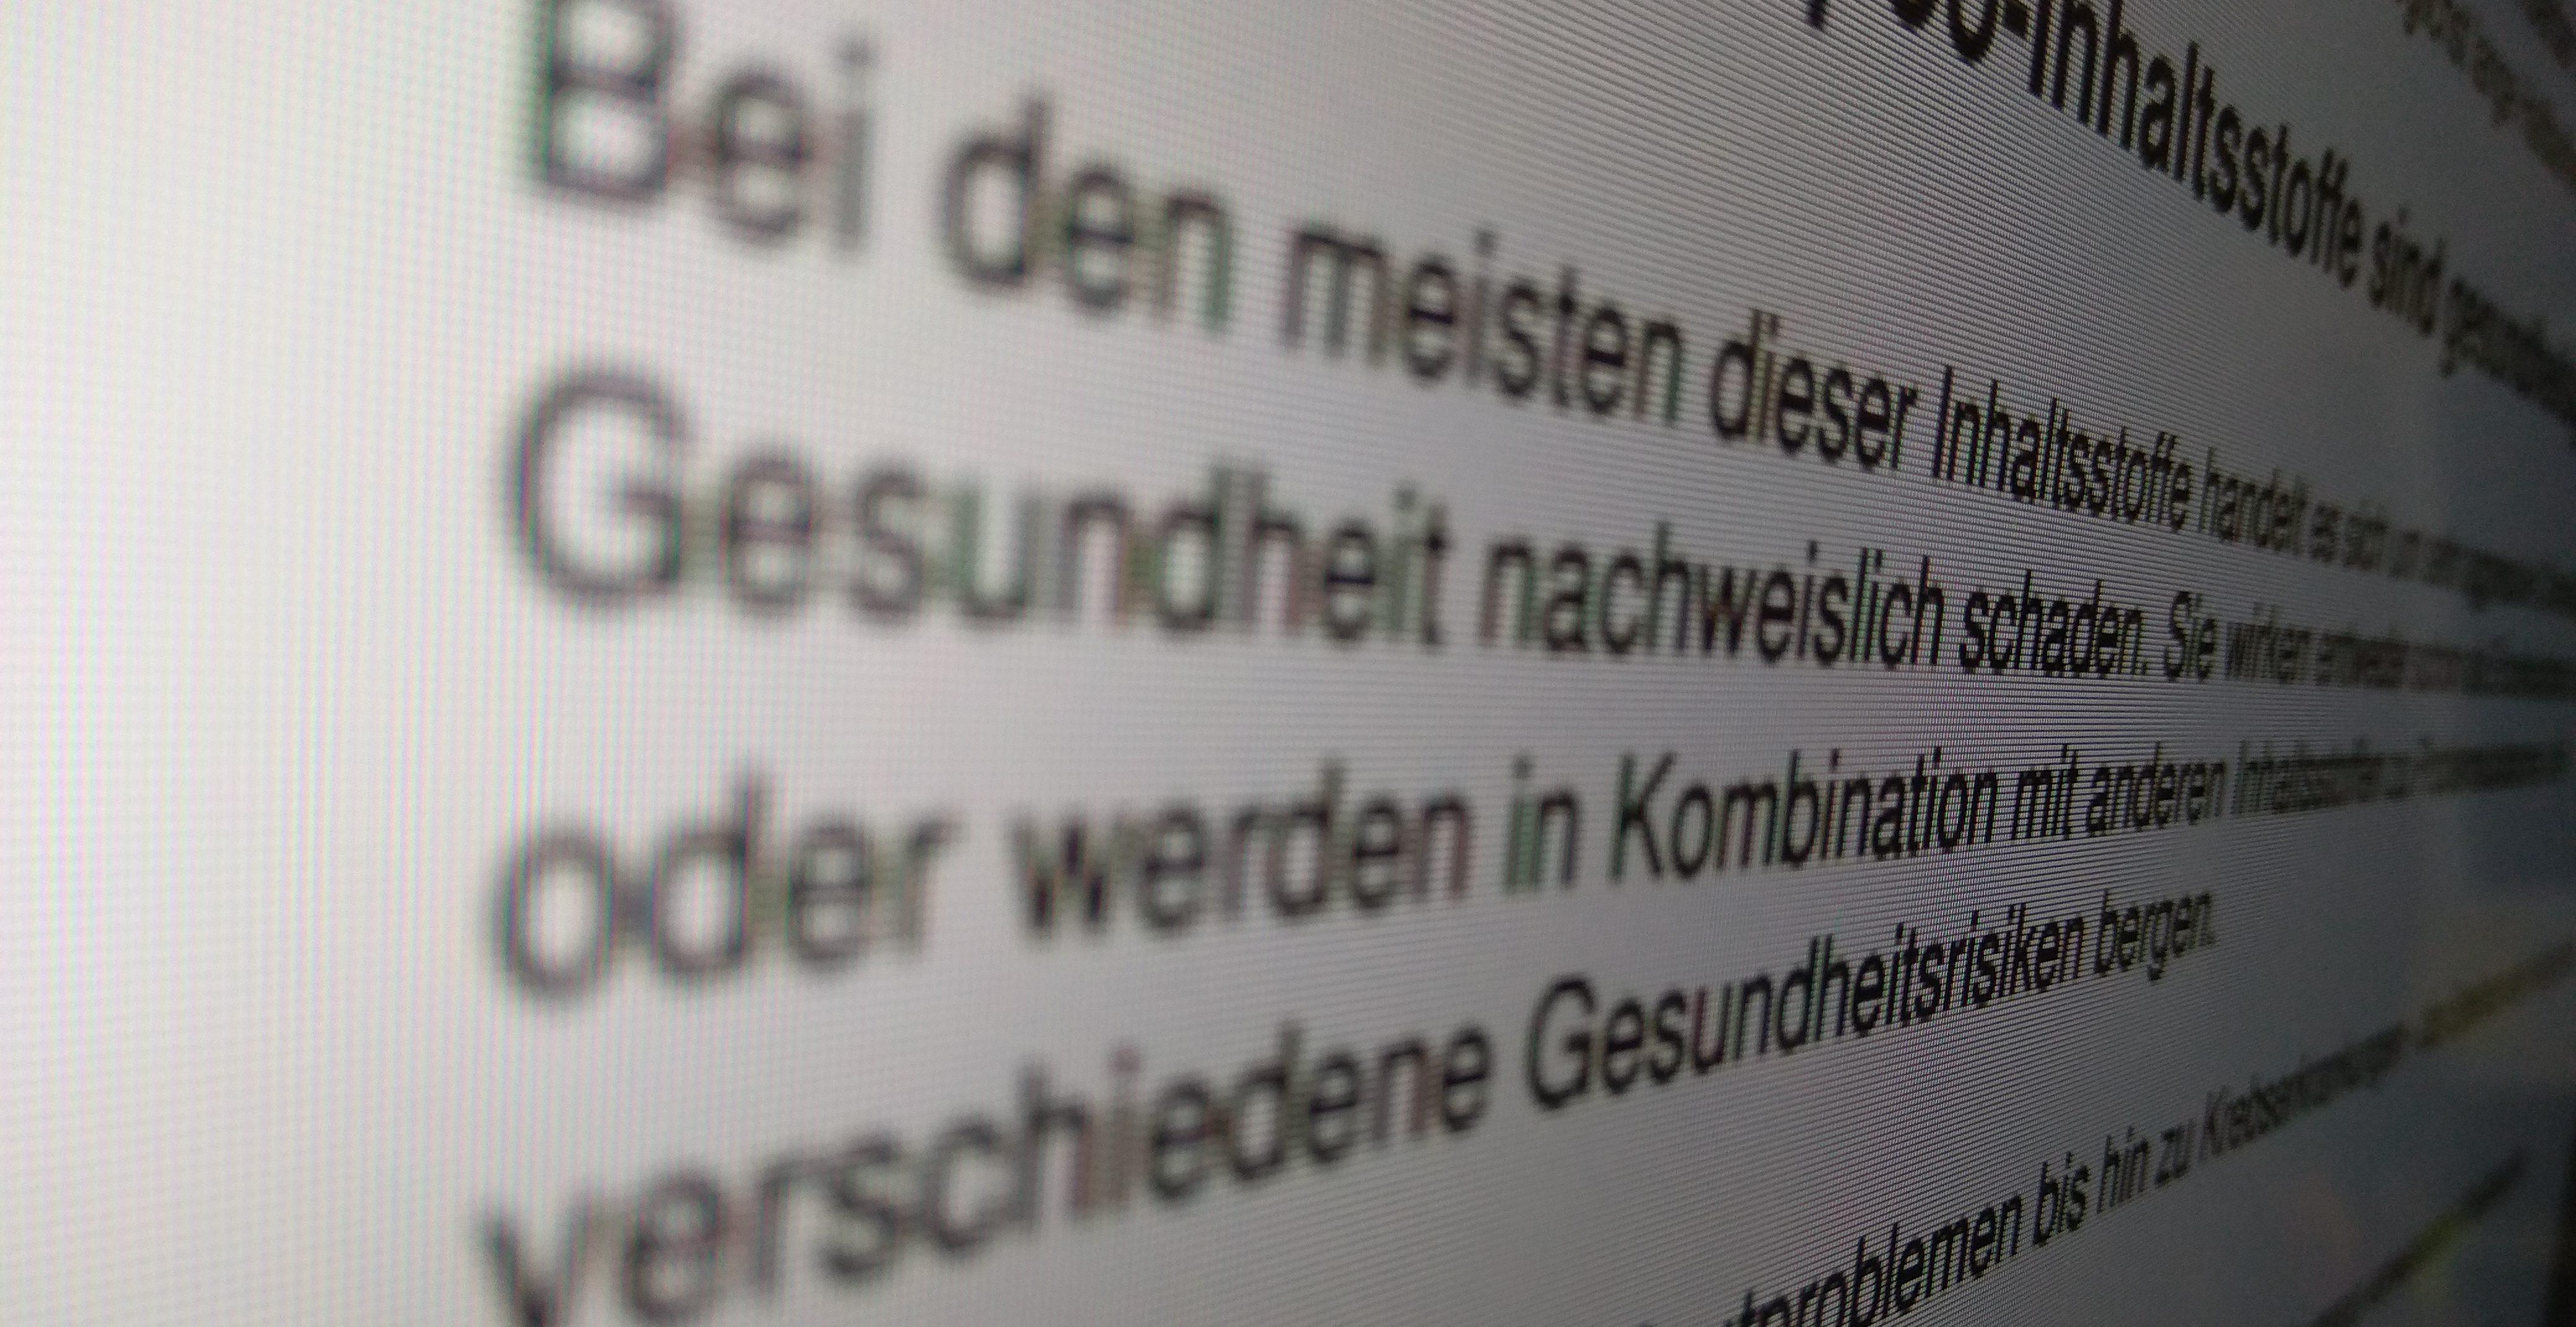 L'importanza di una traduzione professionale